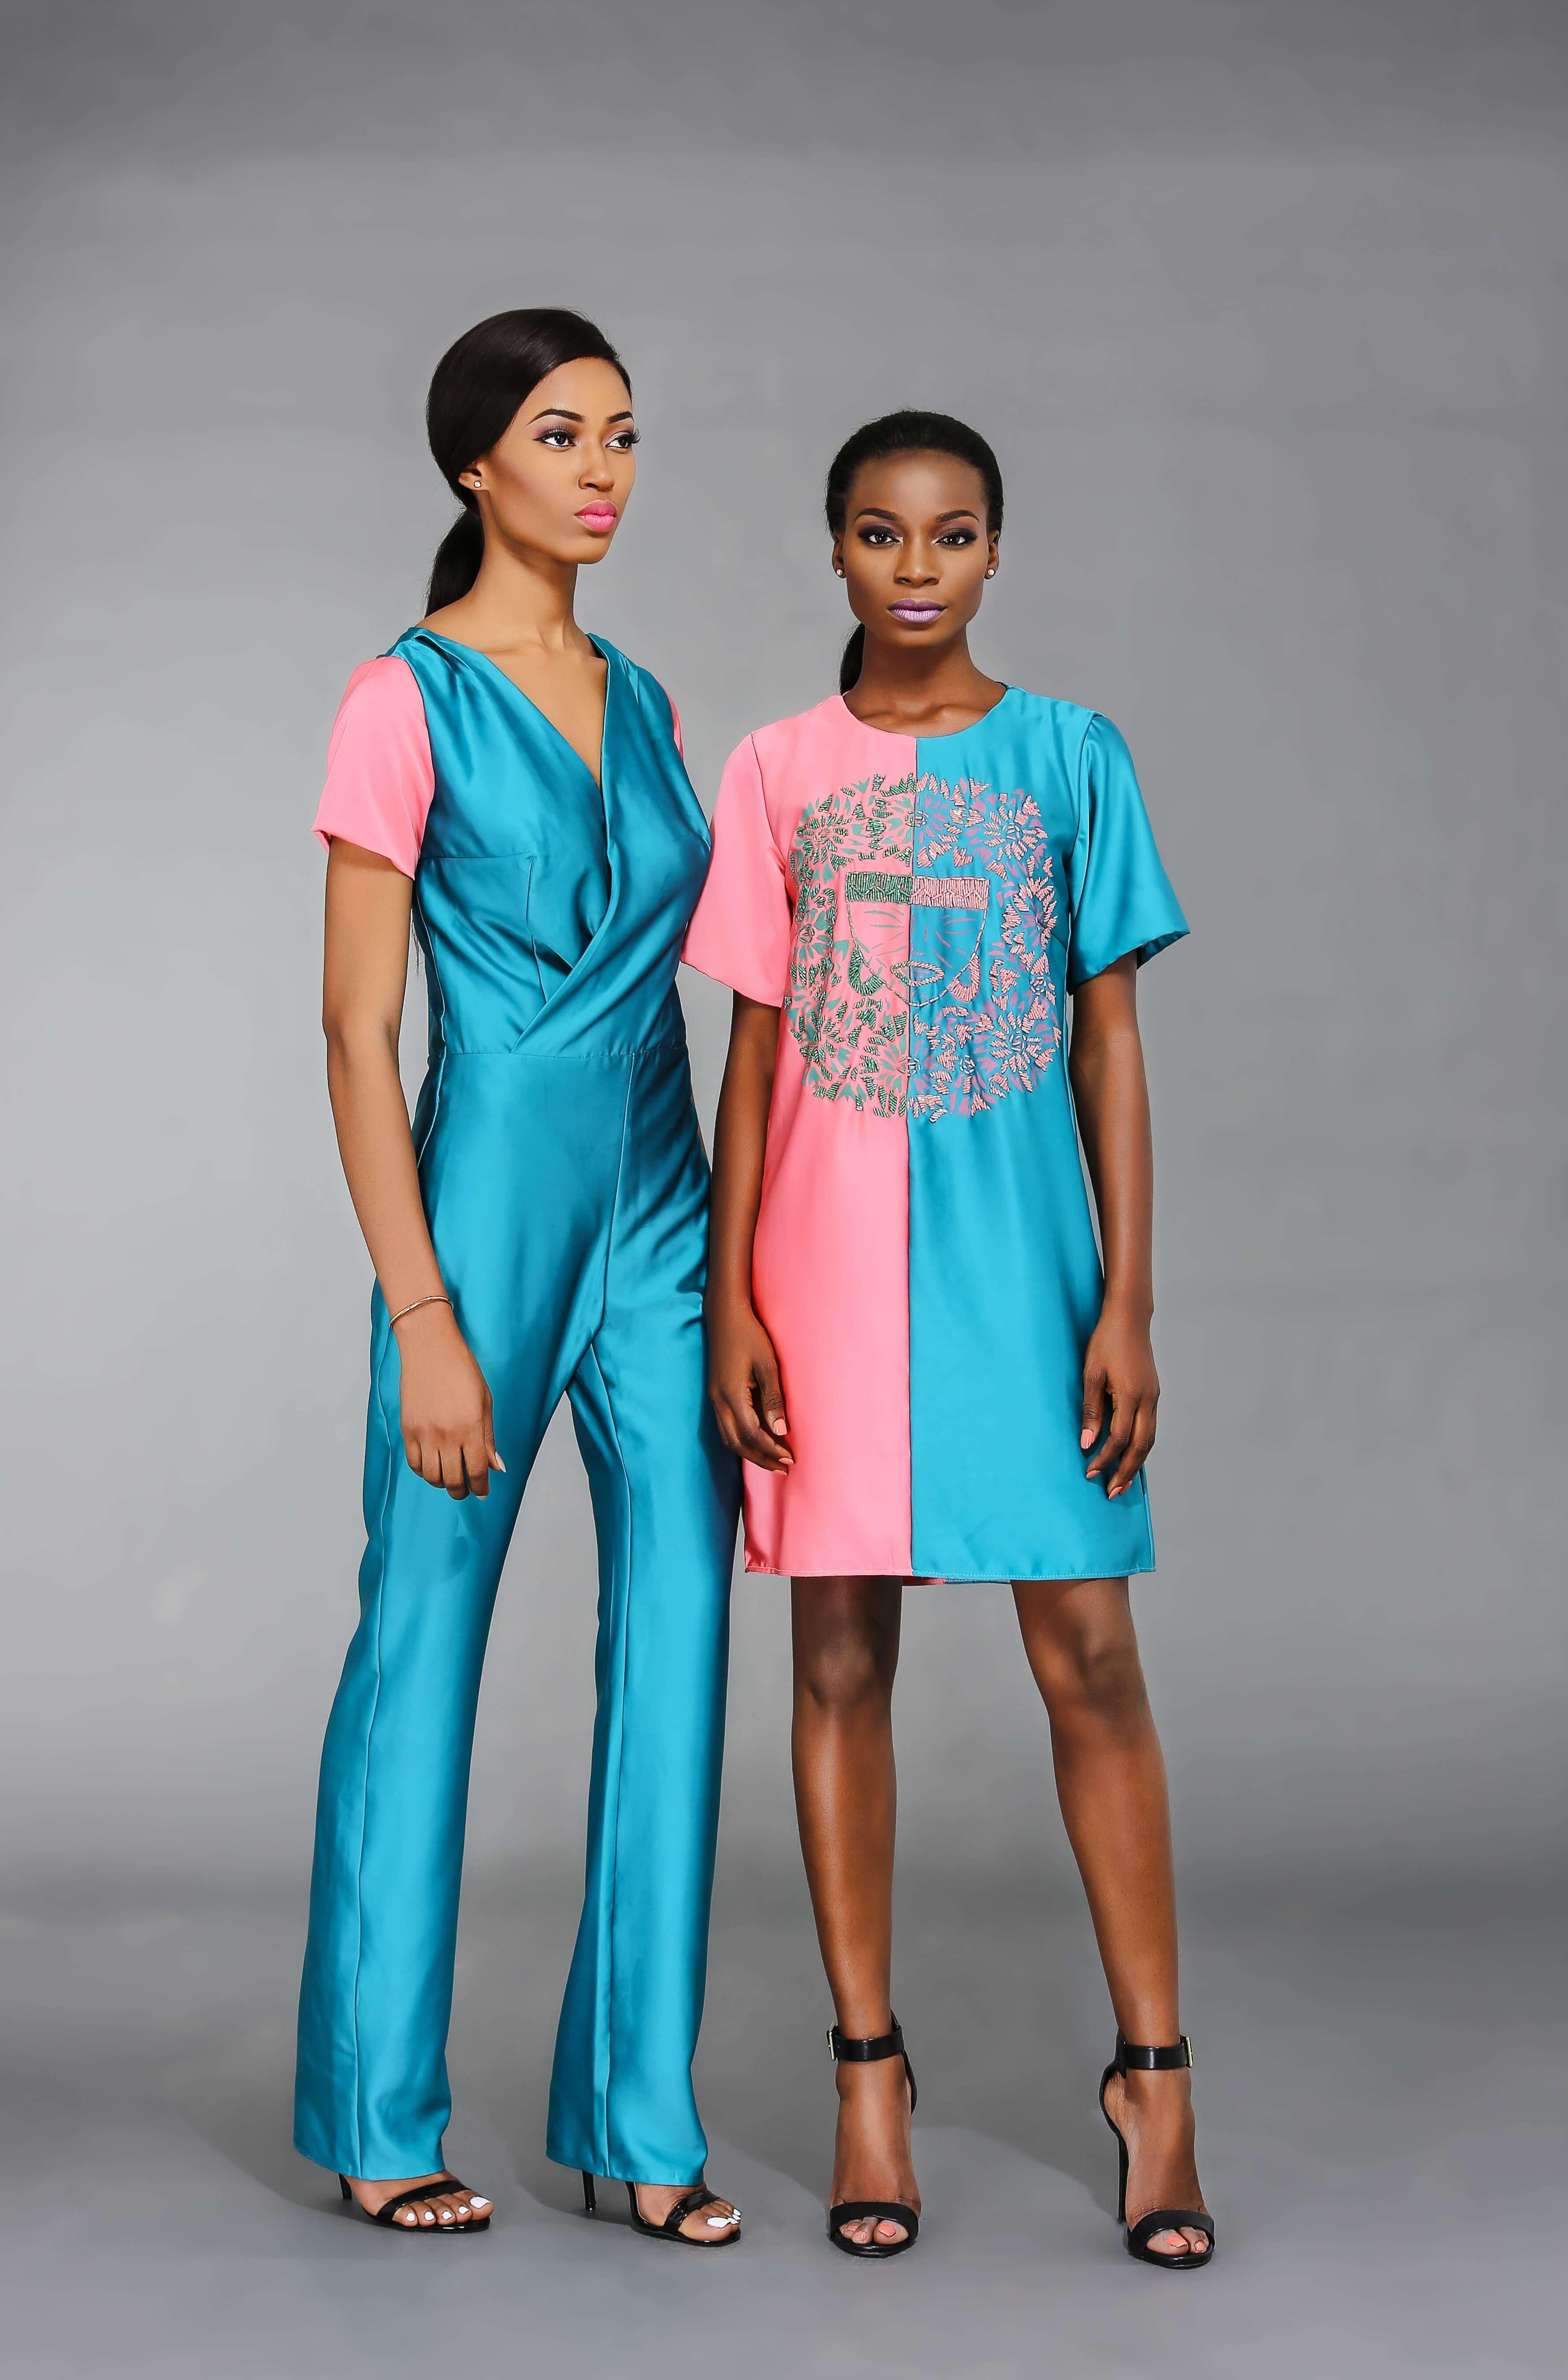 robe africaine moonlook SS15a2-min